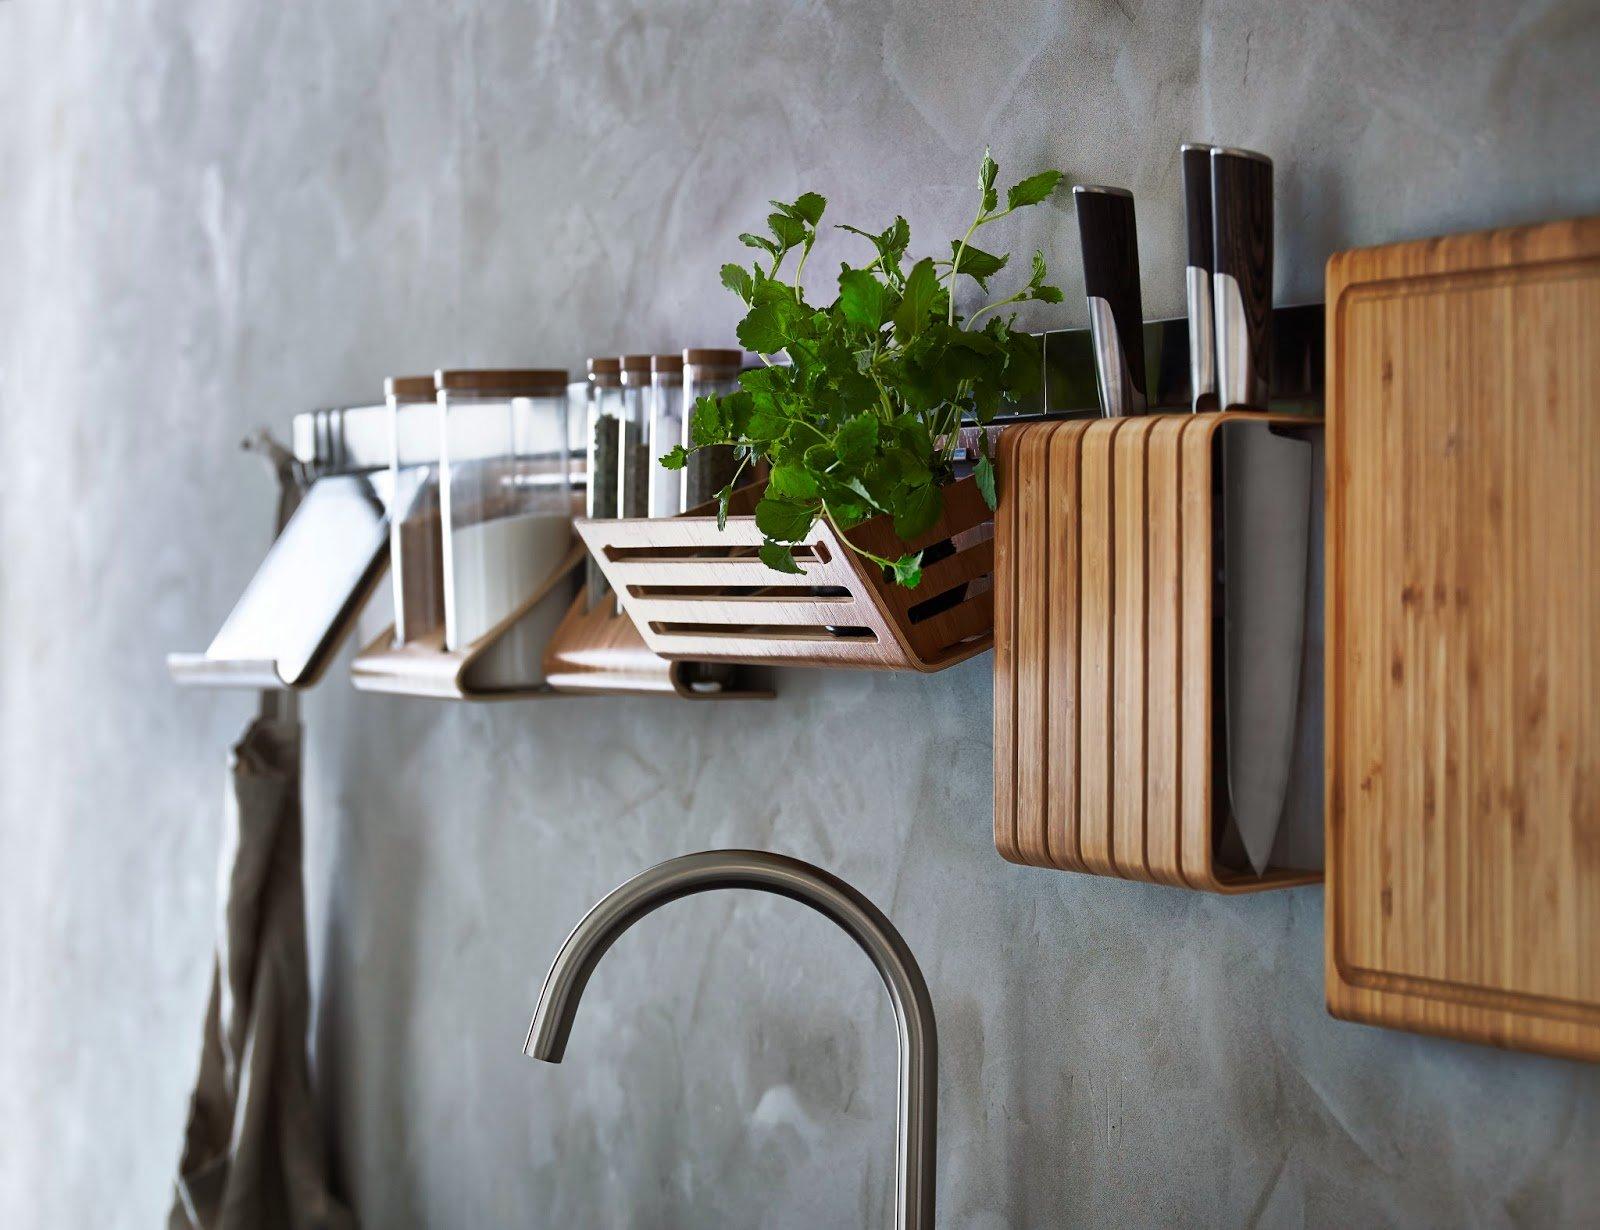 Photo of I binari appendi oggetti in cucina, eccovi le recensioni di modelli di Ikea, Leroy Merlin e Tescoma